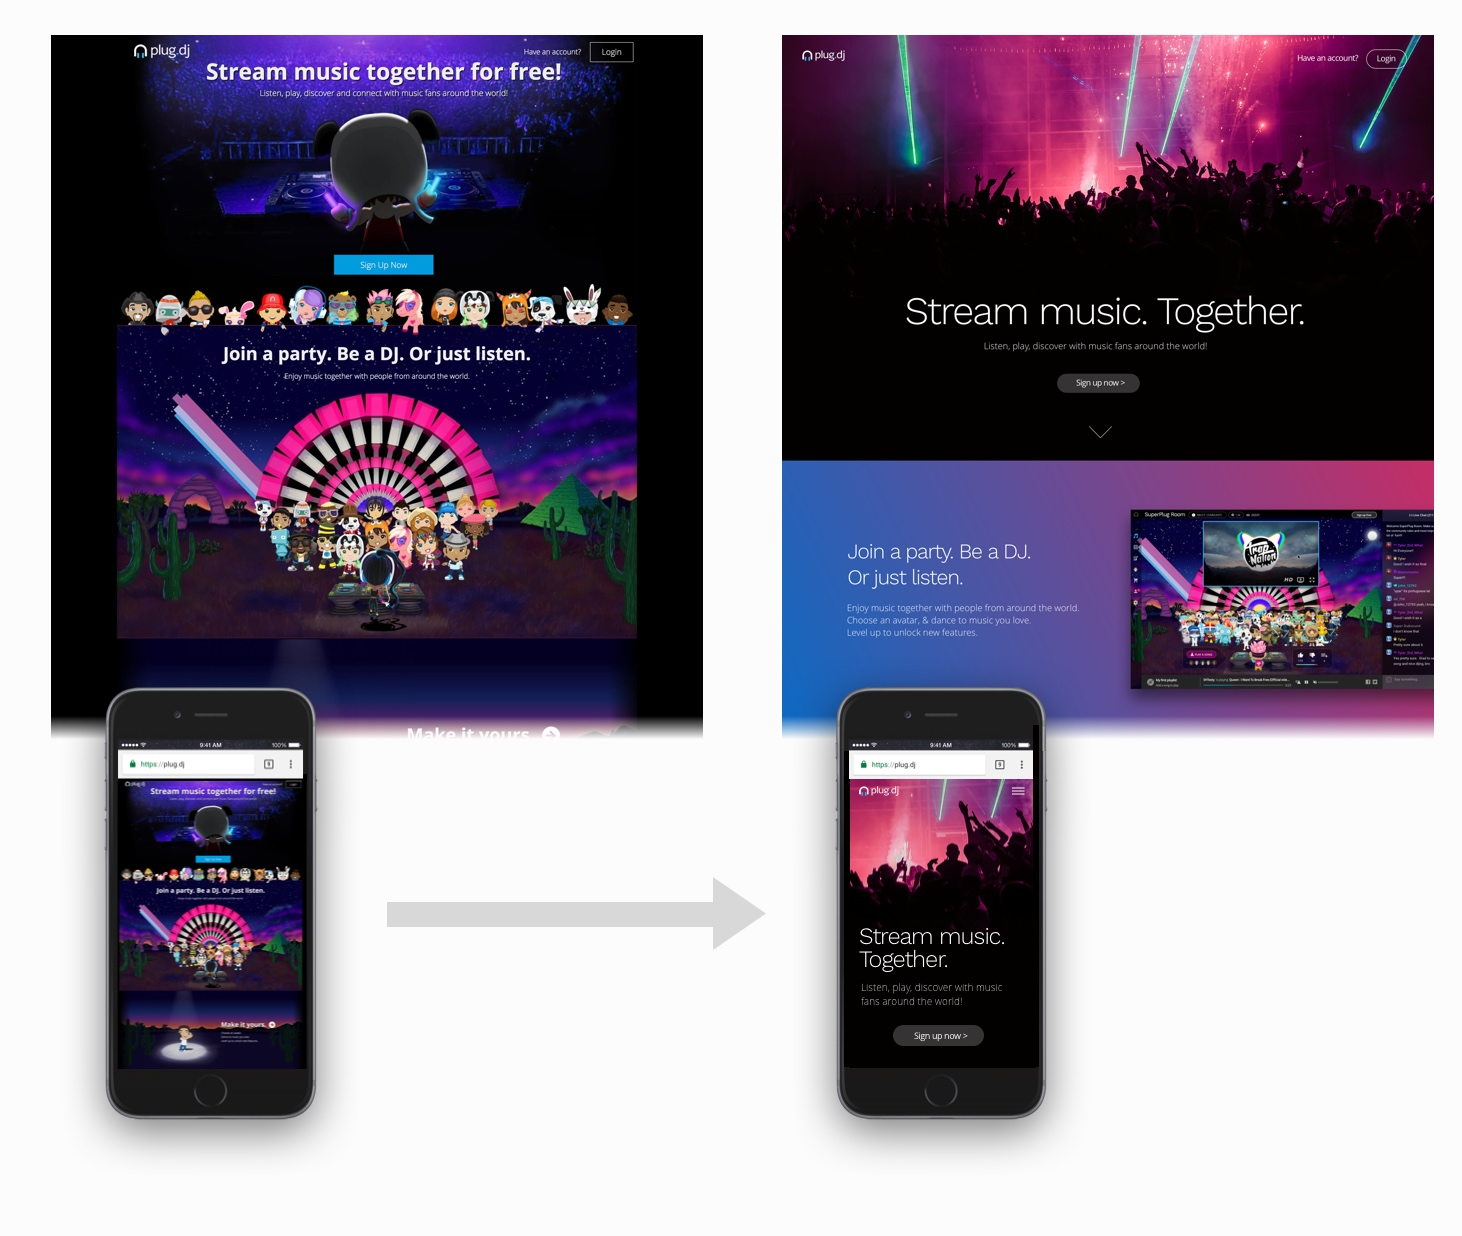 Web   original  (lizquierda) y  Nueva versión  (derecha)